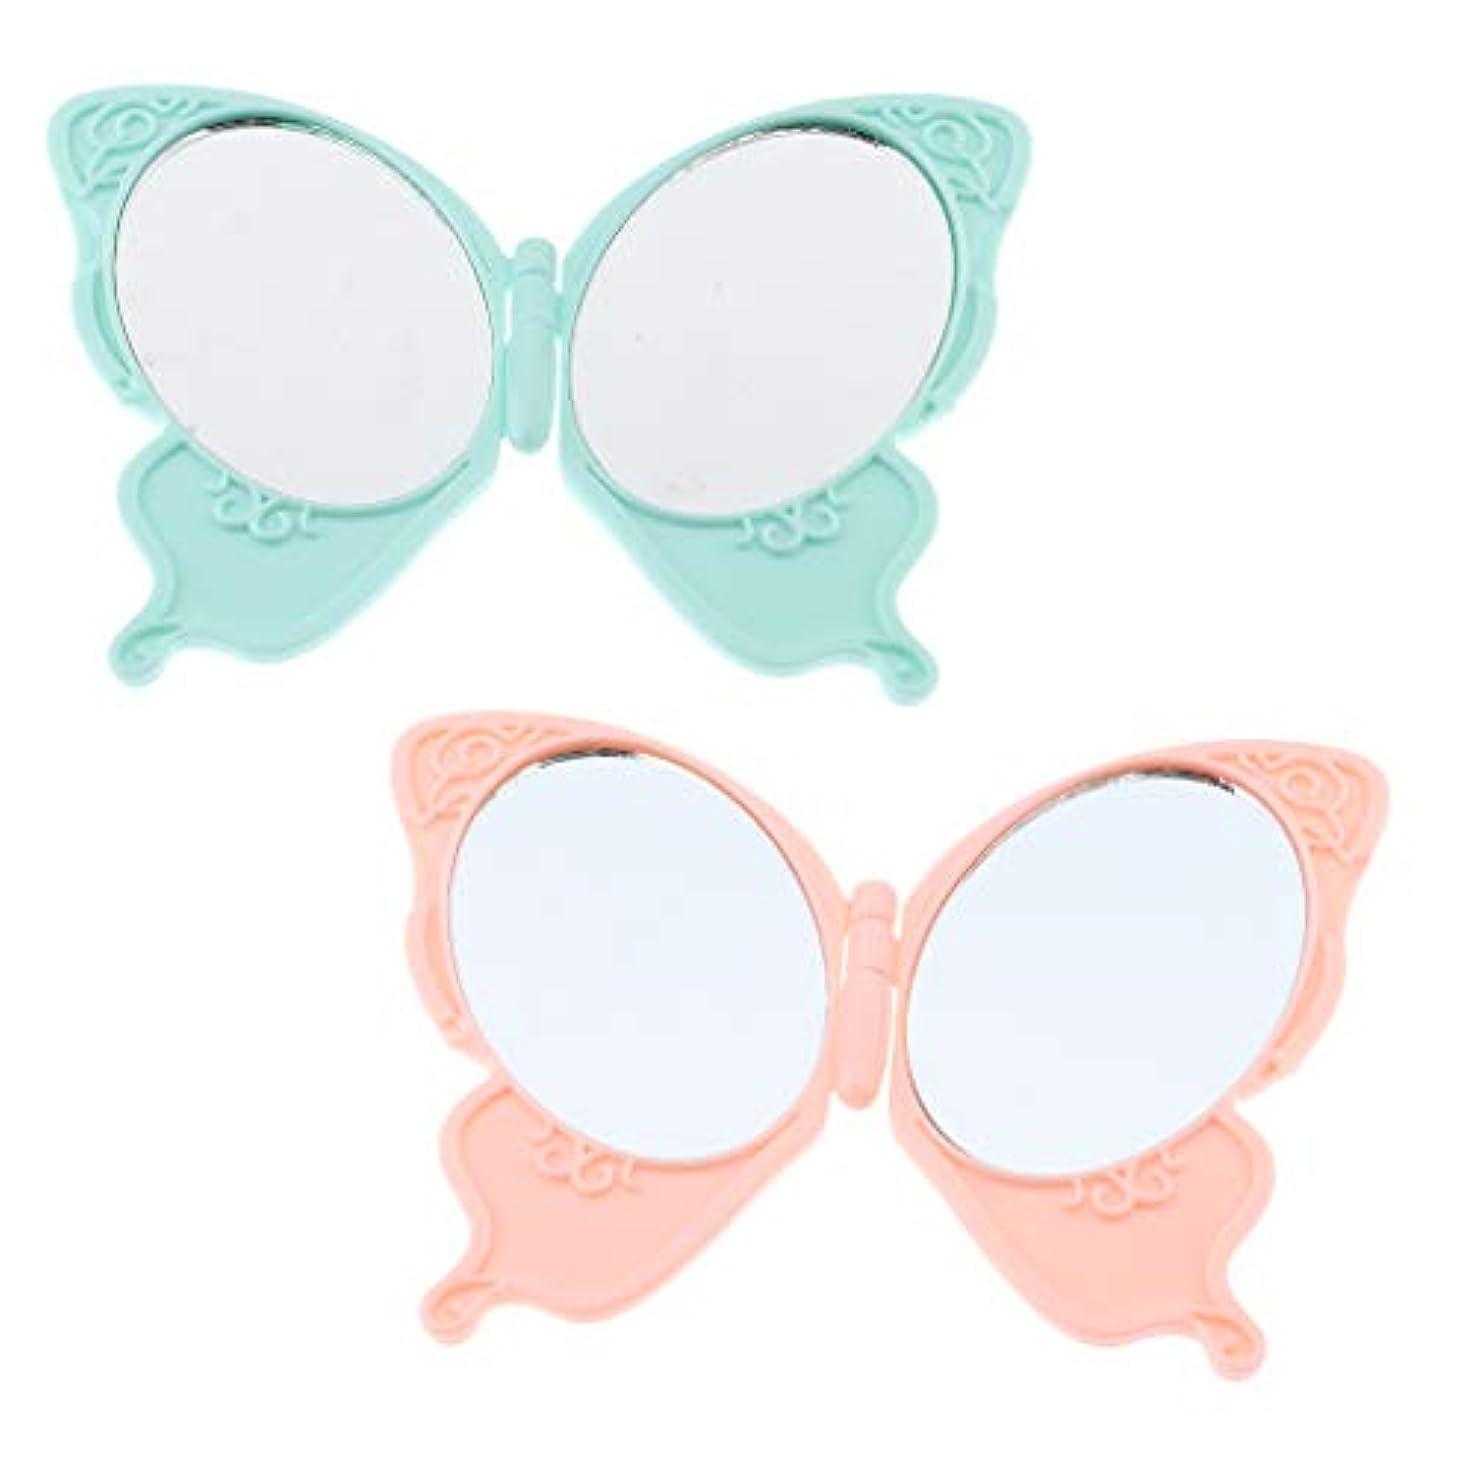 夏スペア薄暗い2個 メイクアップミラー 蝶の形 折り畳み 化粧鏡 化粧品